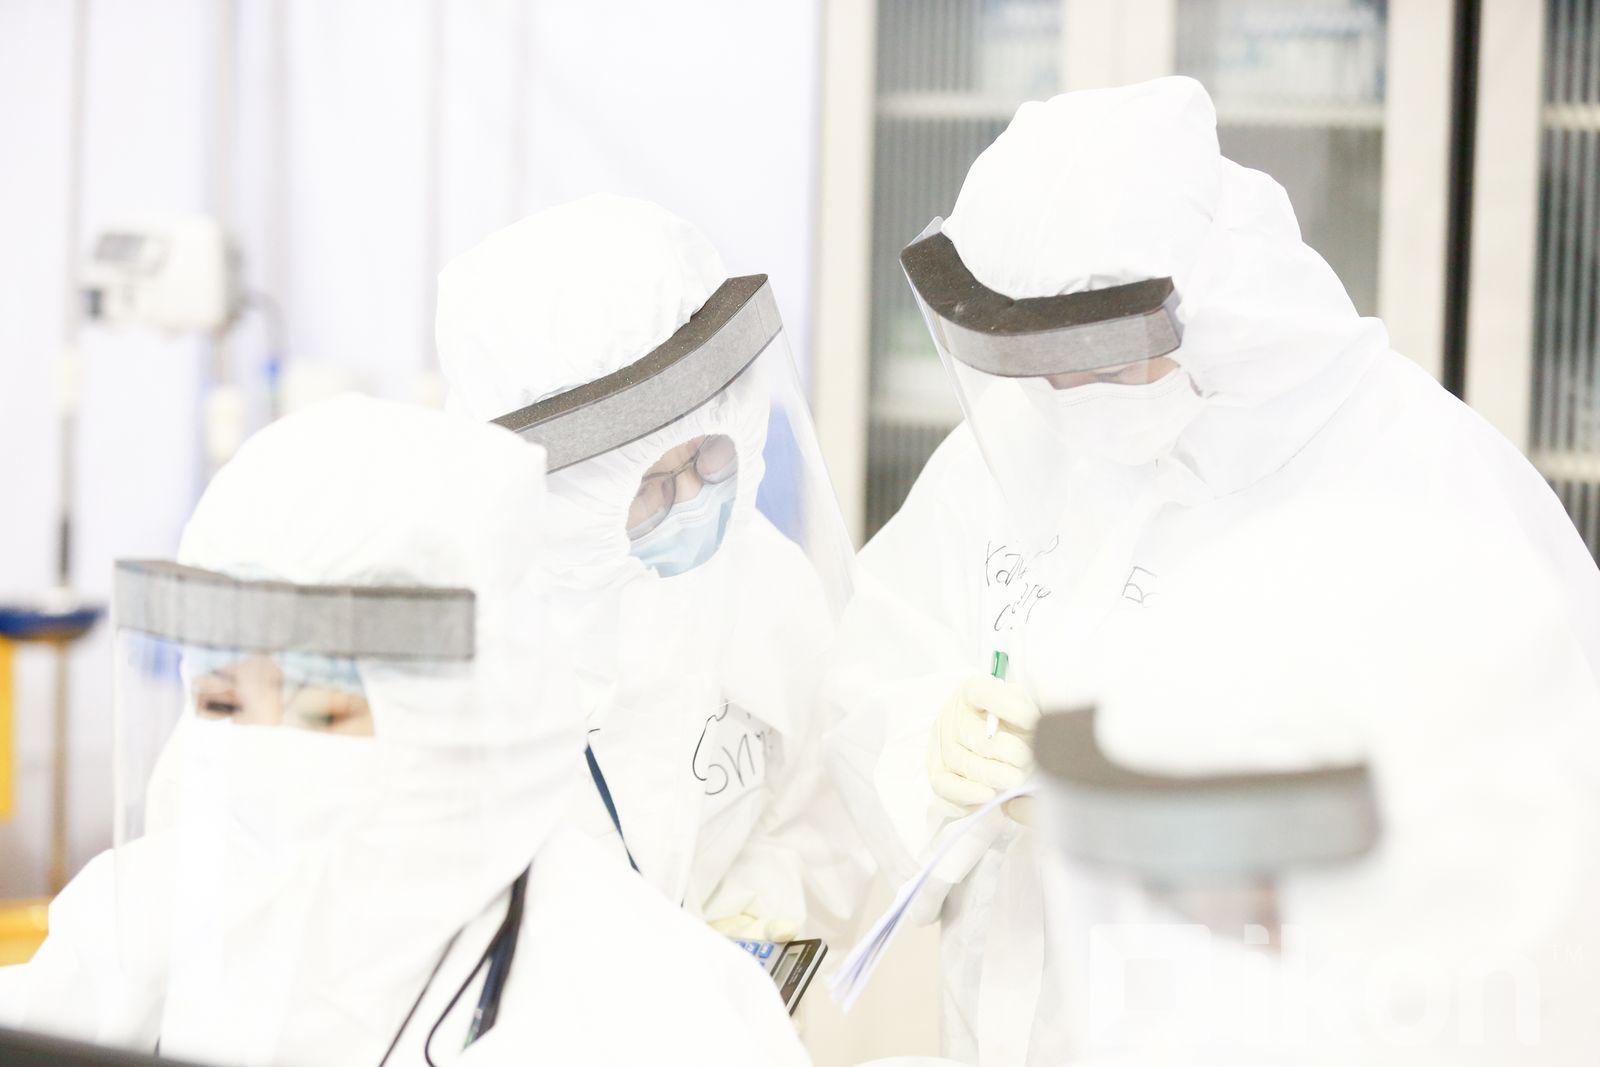 지난 하루동안 2,565명의 사람들이 COVID-19에 감염되었고 17명이 사망하여.jpg